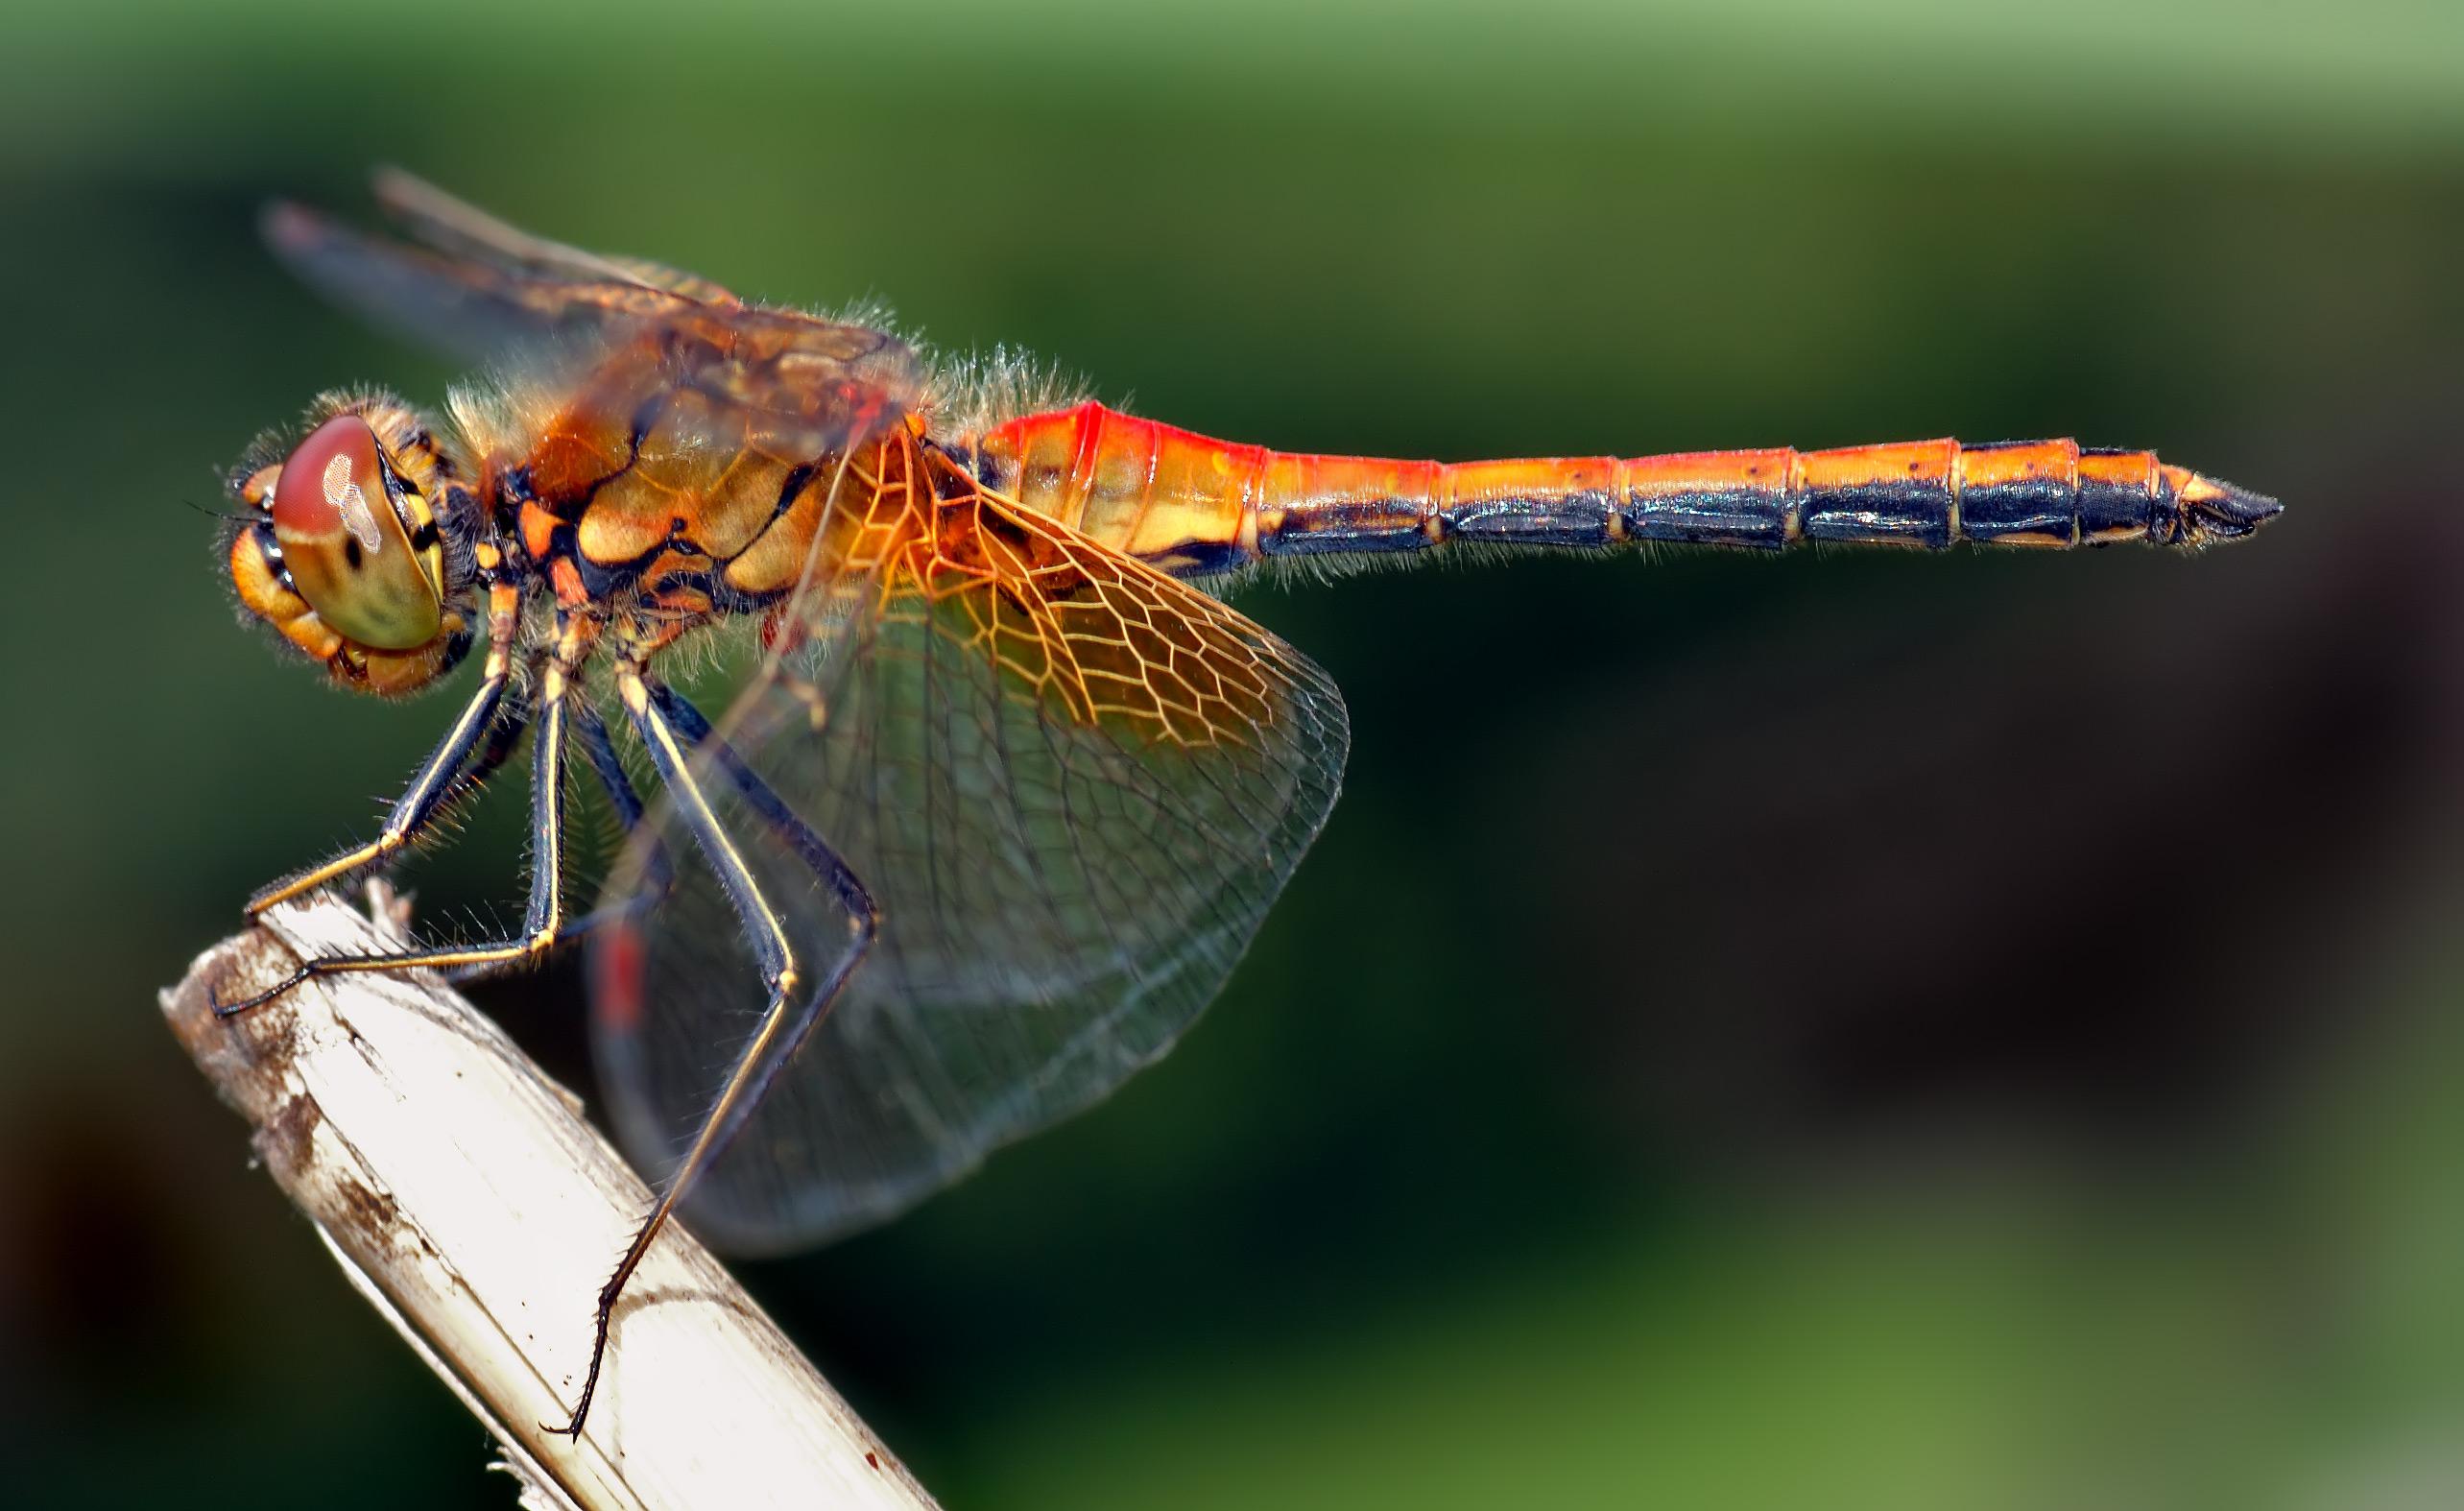 اليعسوب التصوير الدقيق لدورة حياته 1